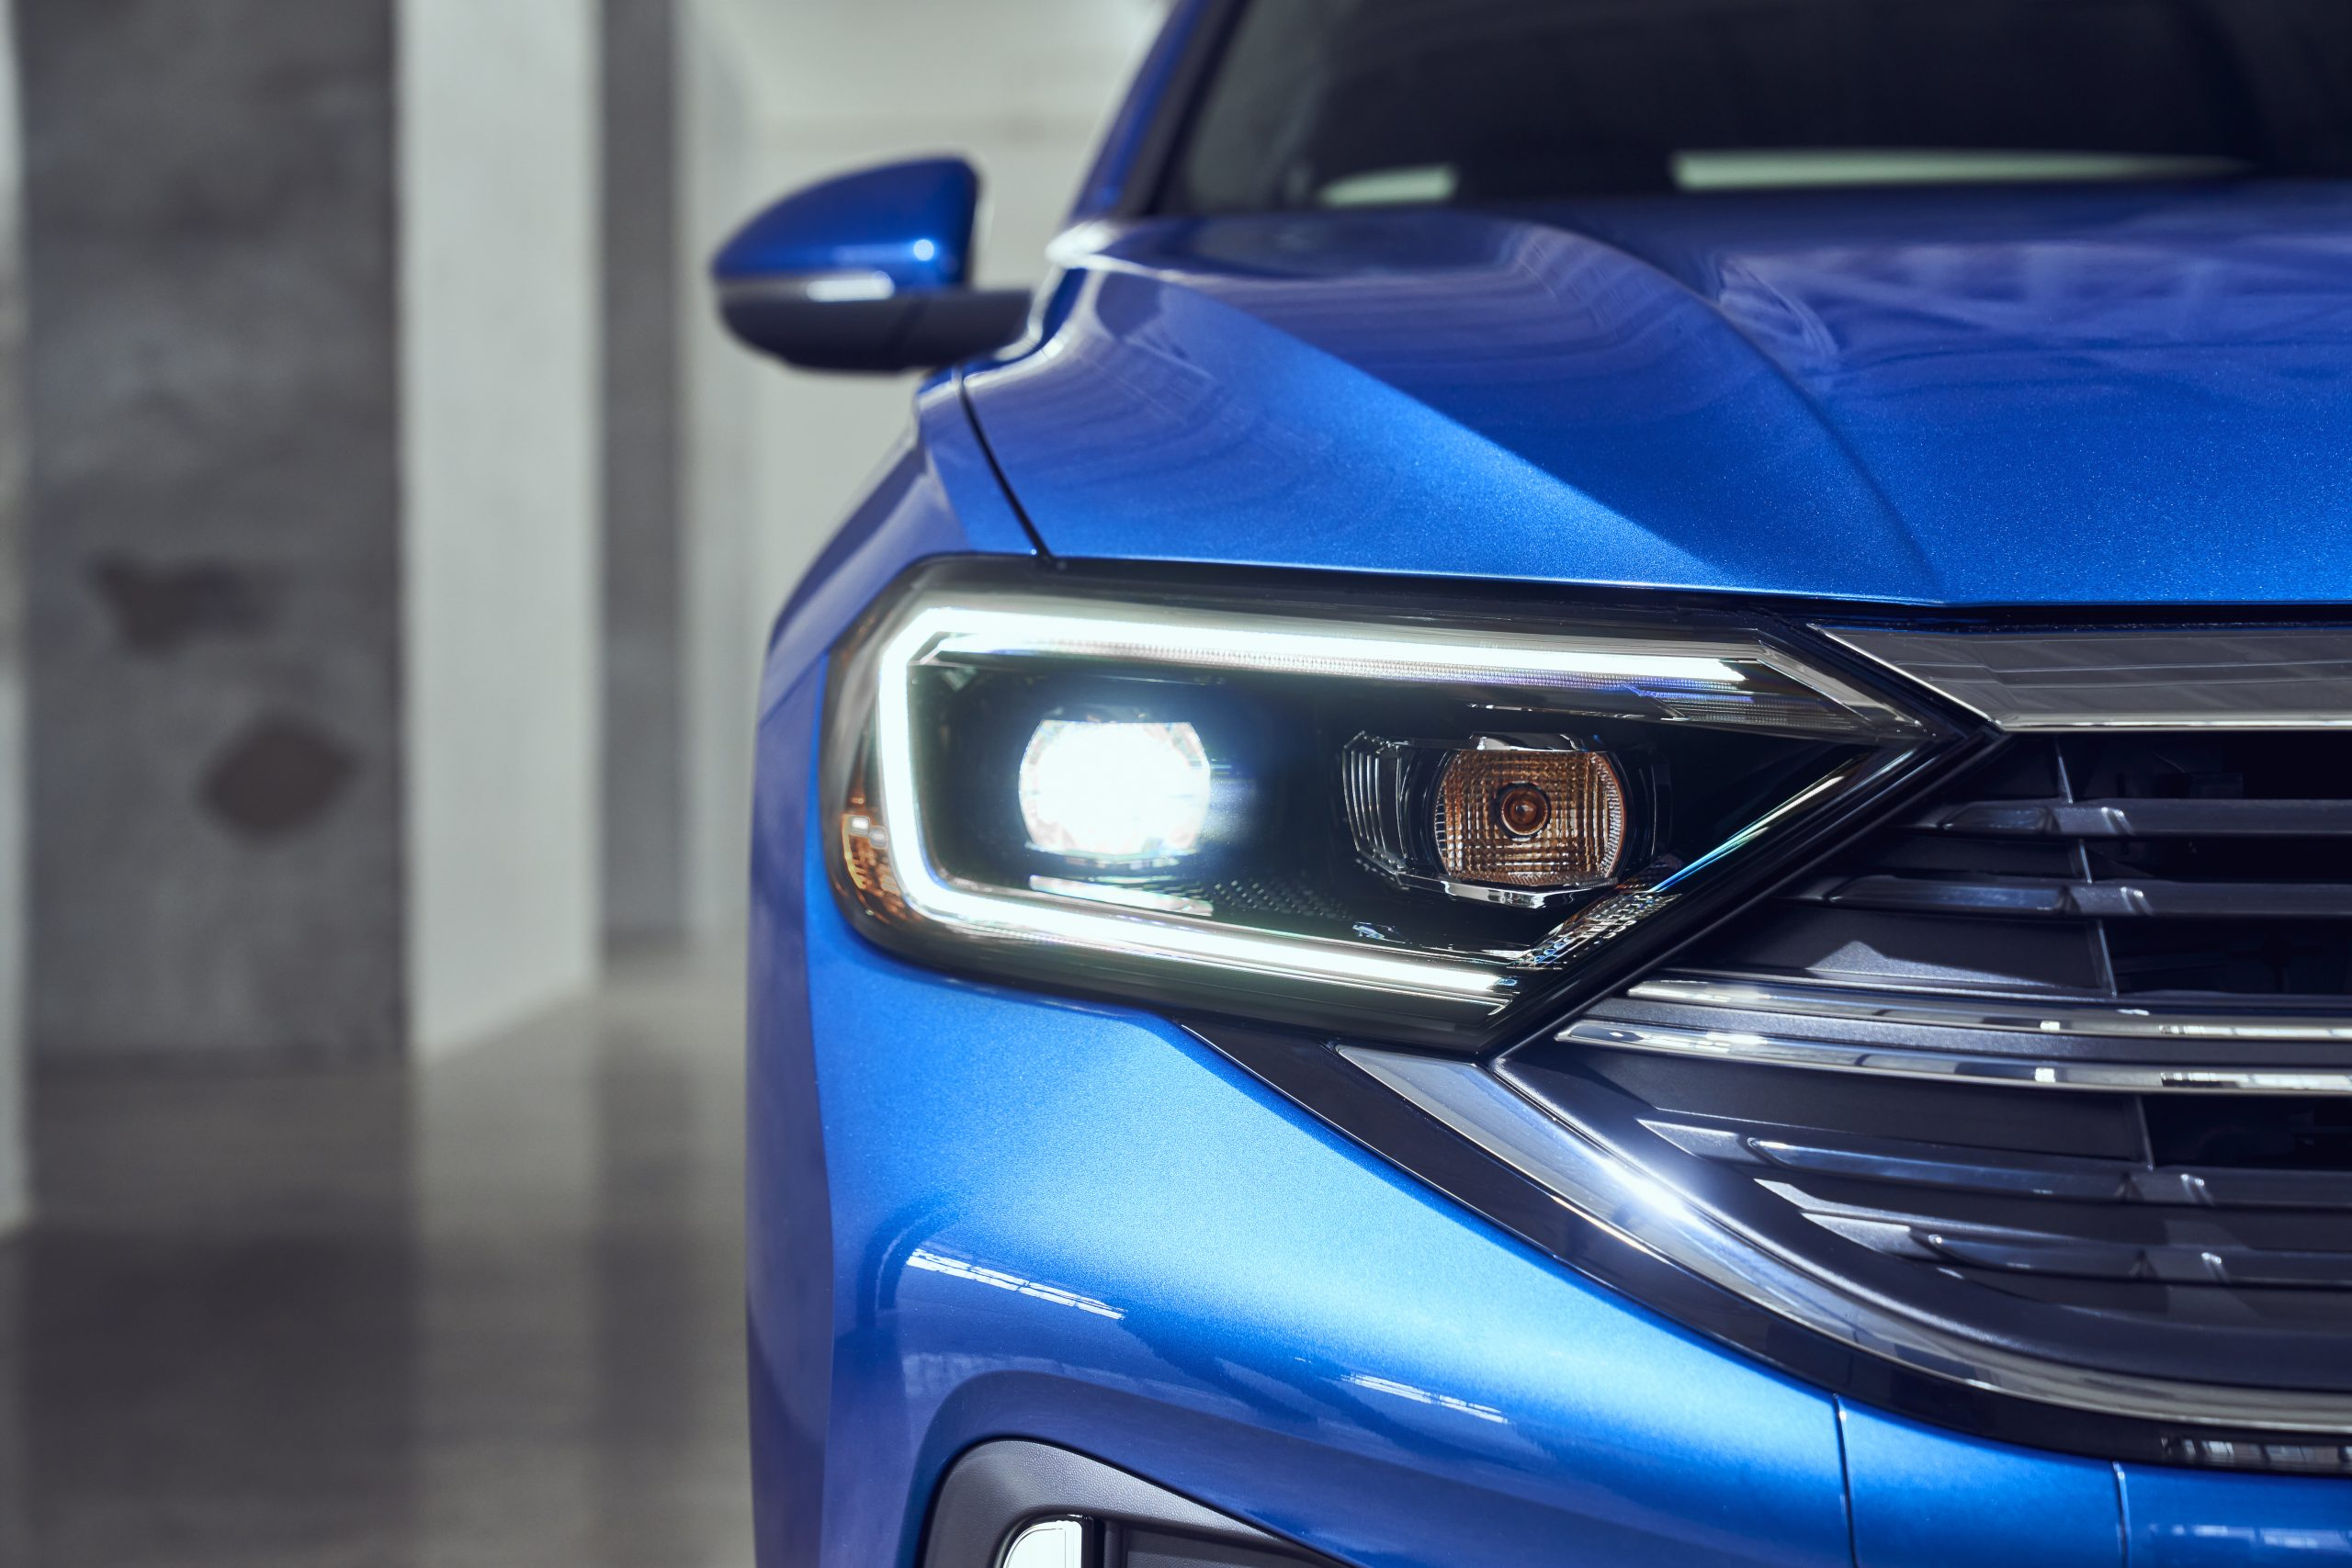 2022 VW Jetta 1.5 LED headlight facelift